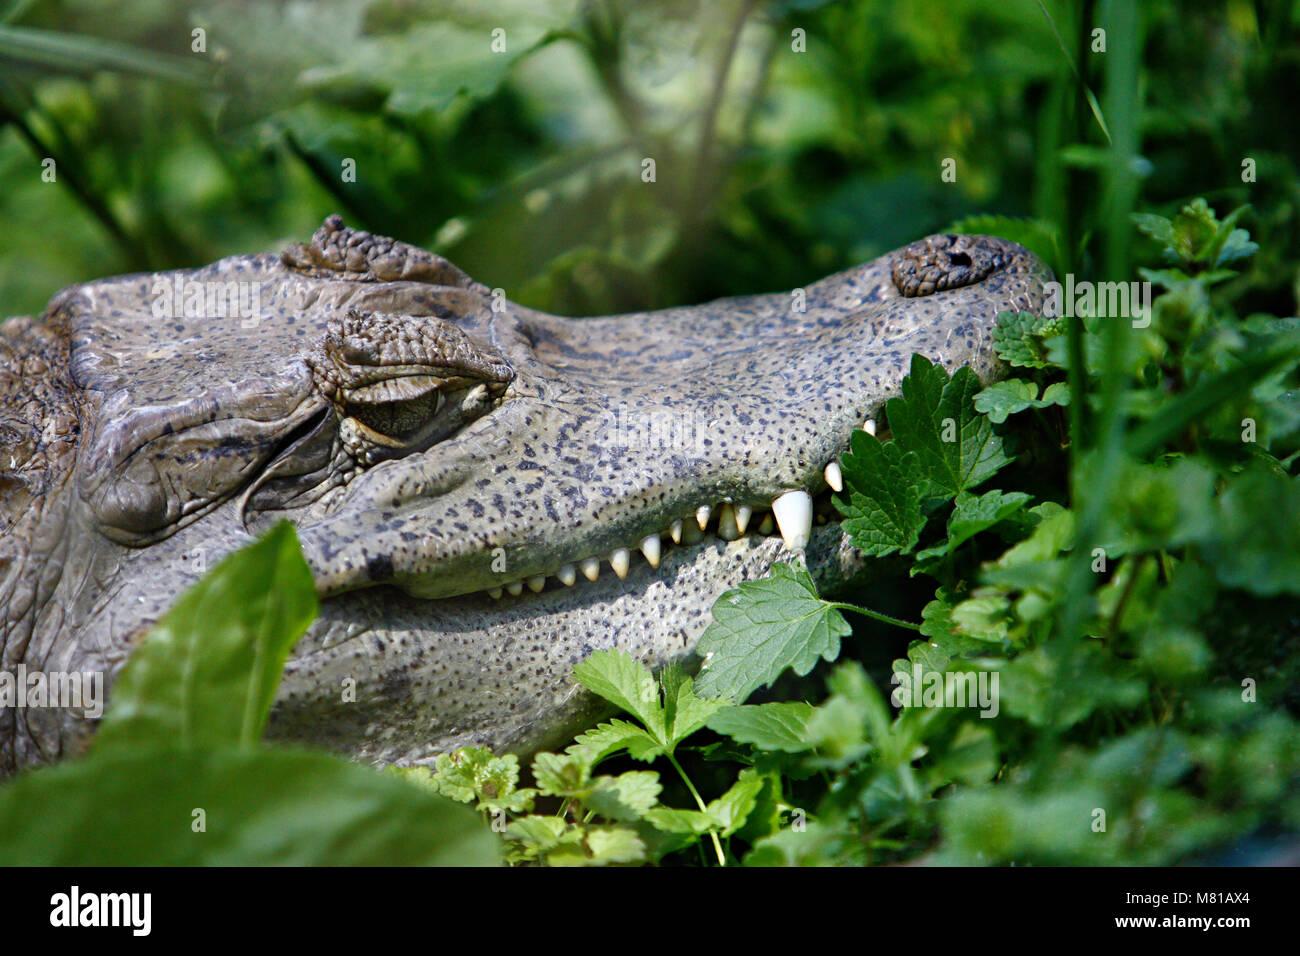 Wild coccodrillo testa con griffa Nel verde fogliame Immagini Stock